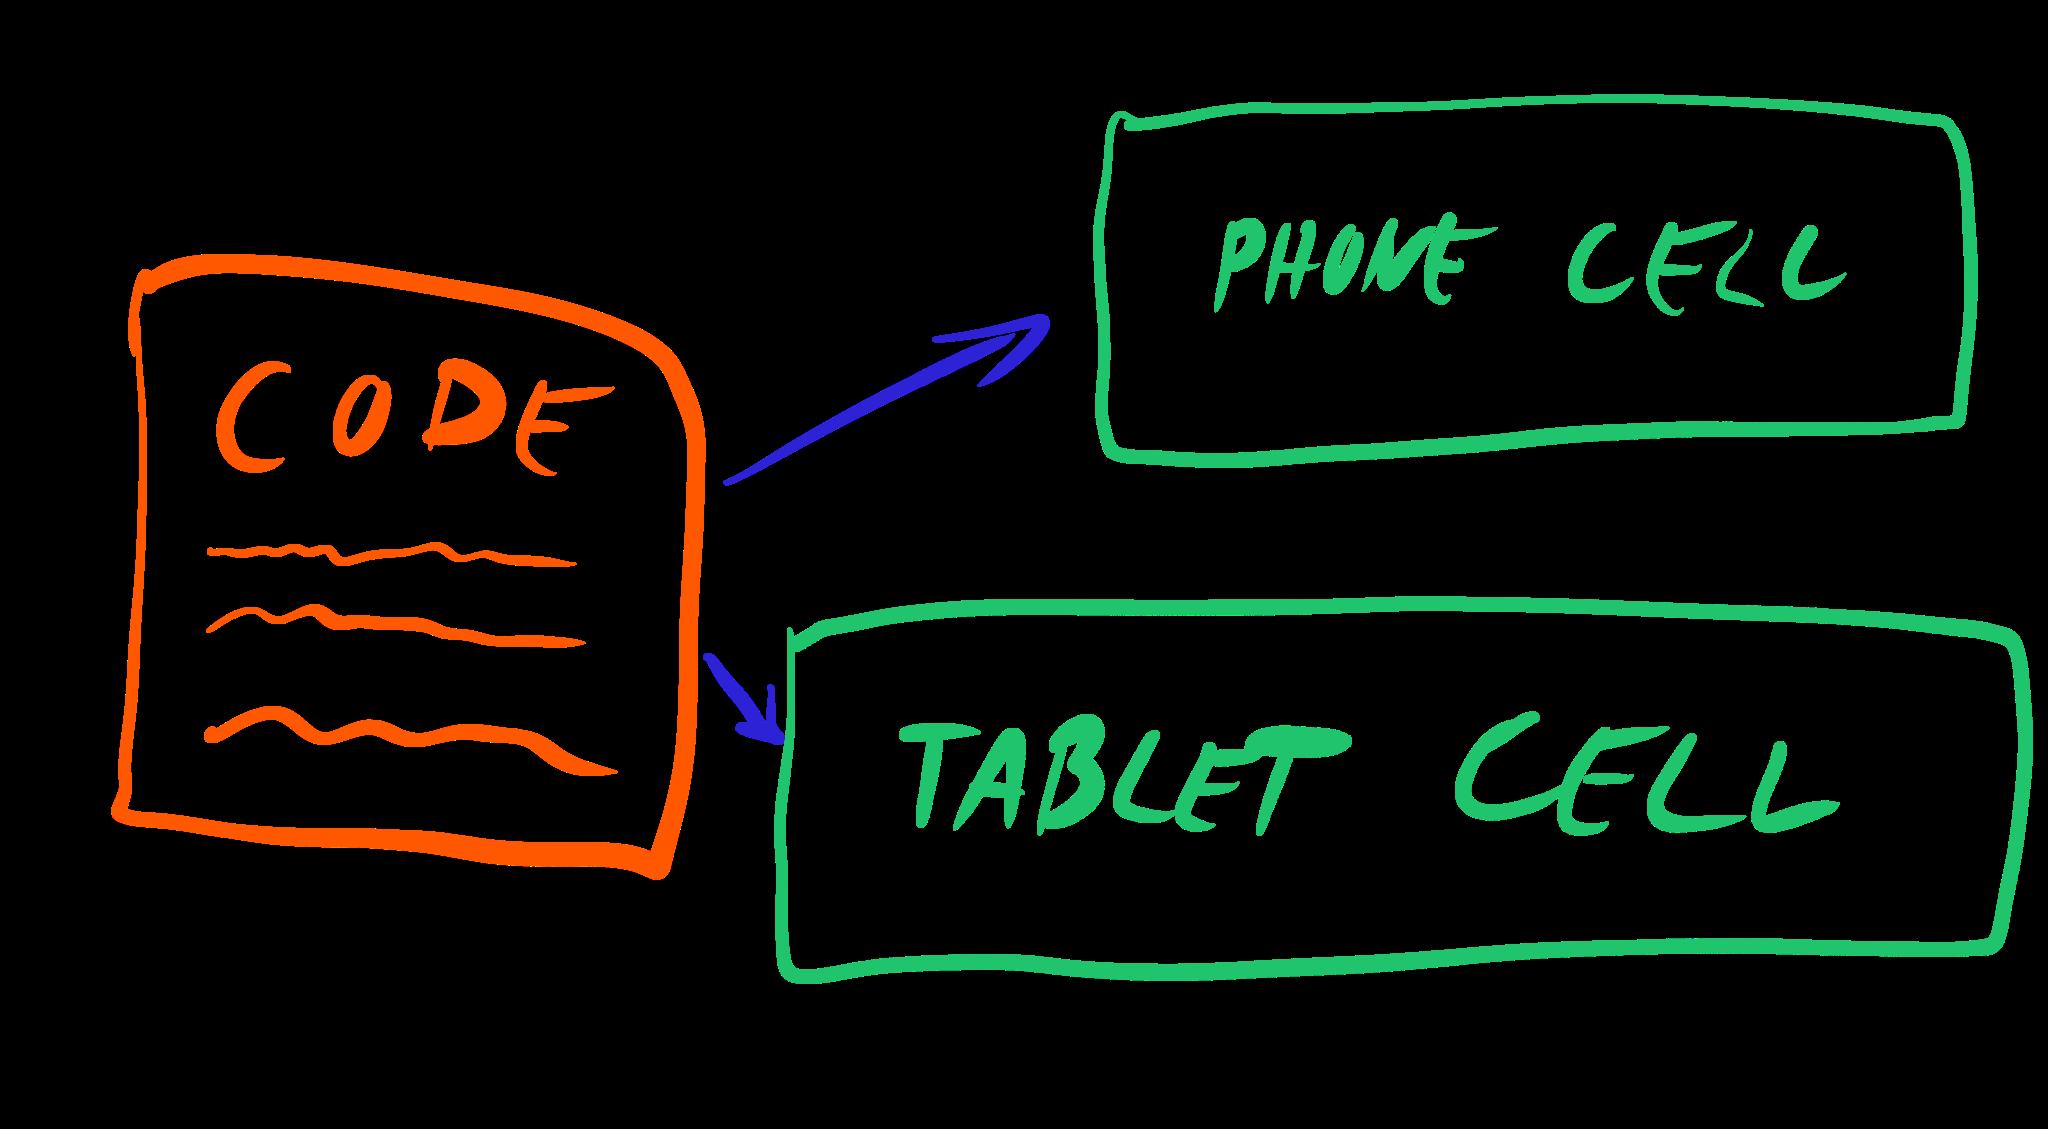 iPad Cells ilustration